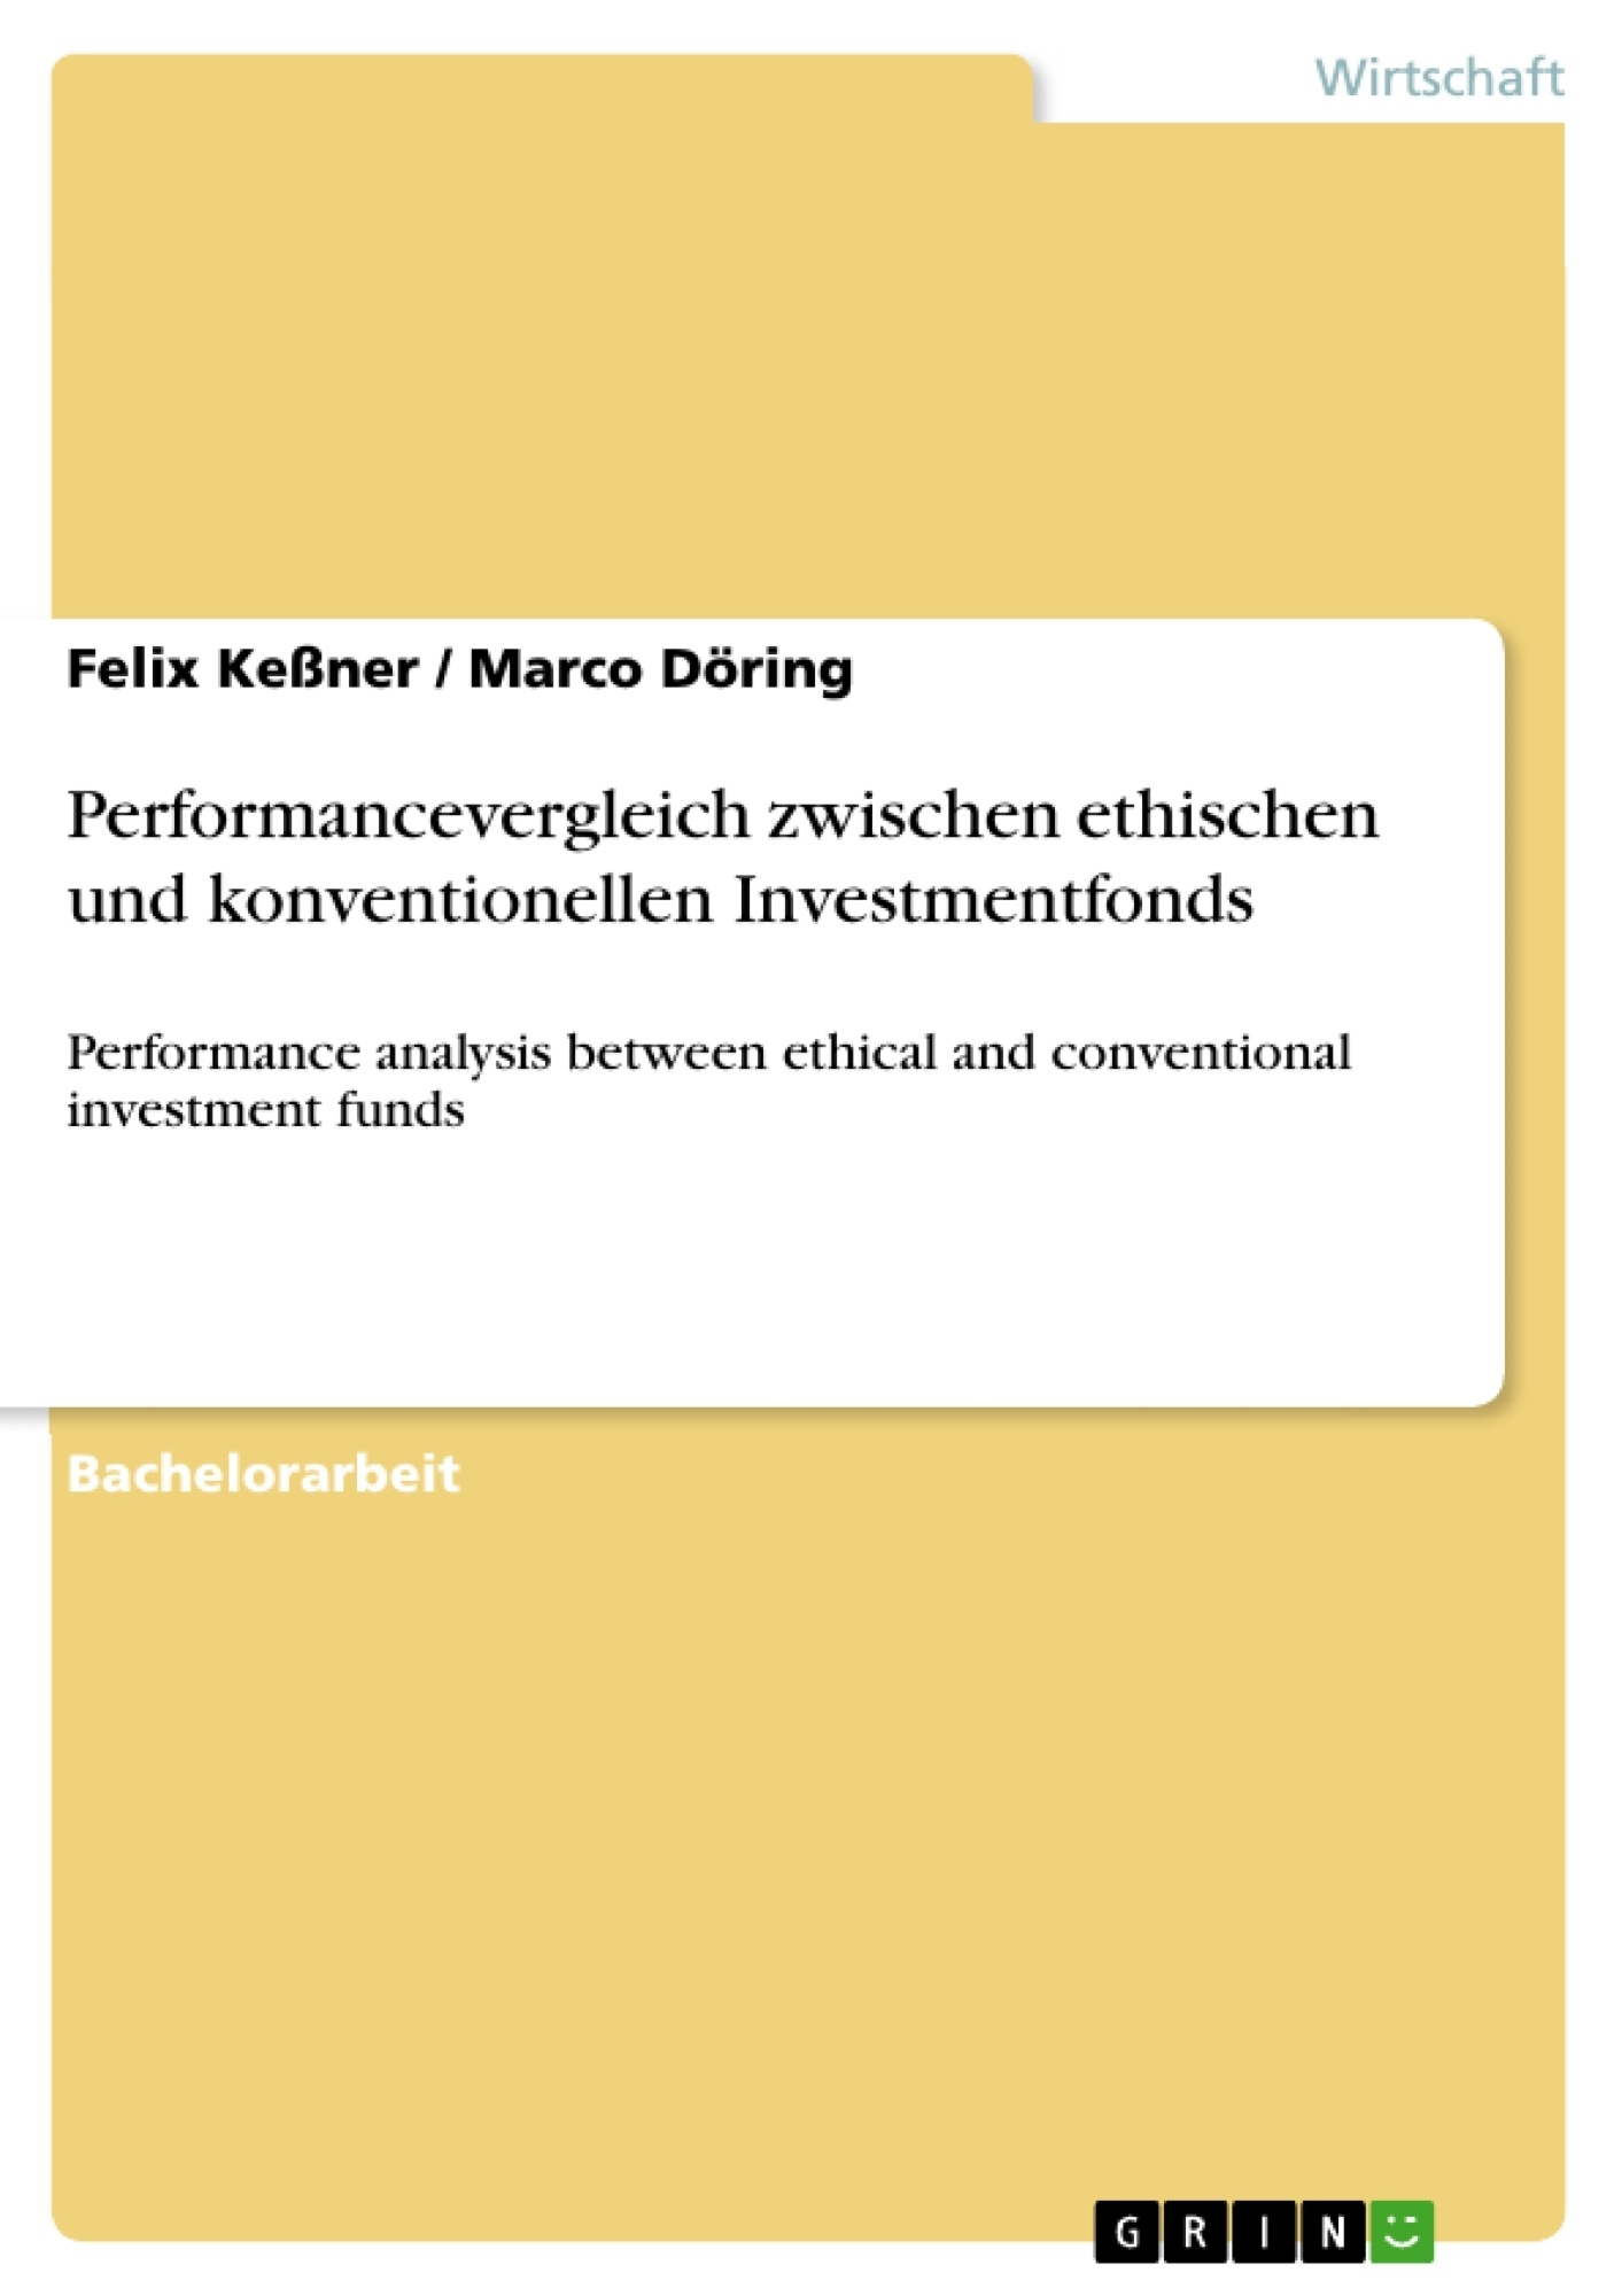 Titel: Performancevergleich zwischen ethischen und konventionellen Investmentfonds